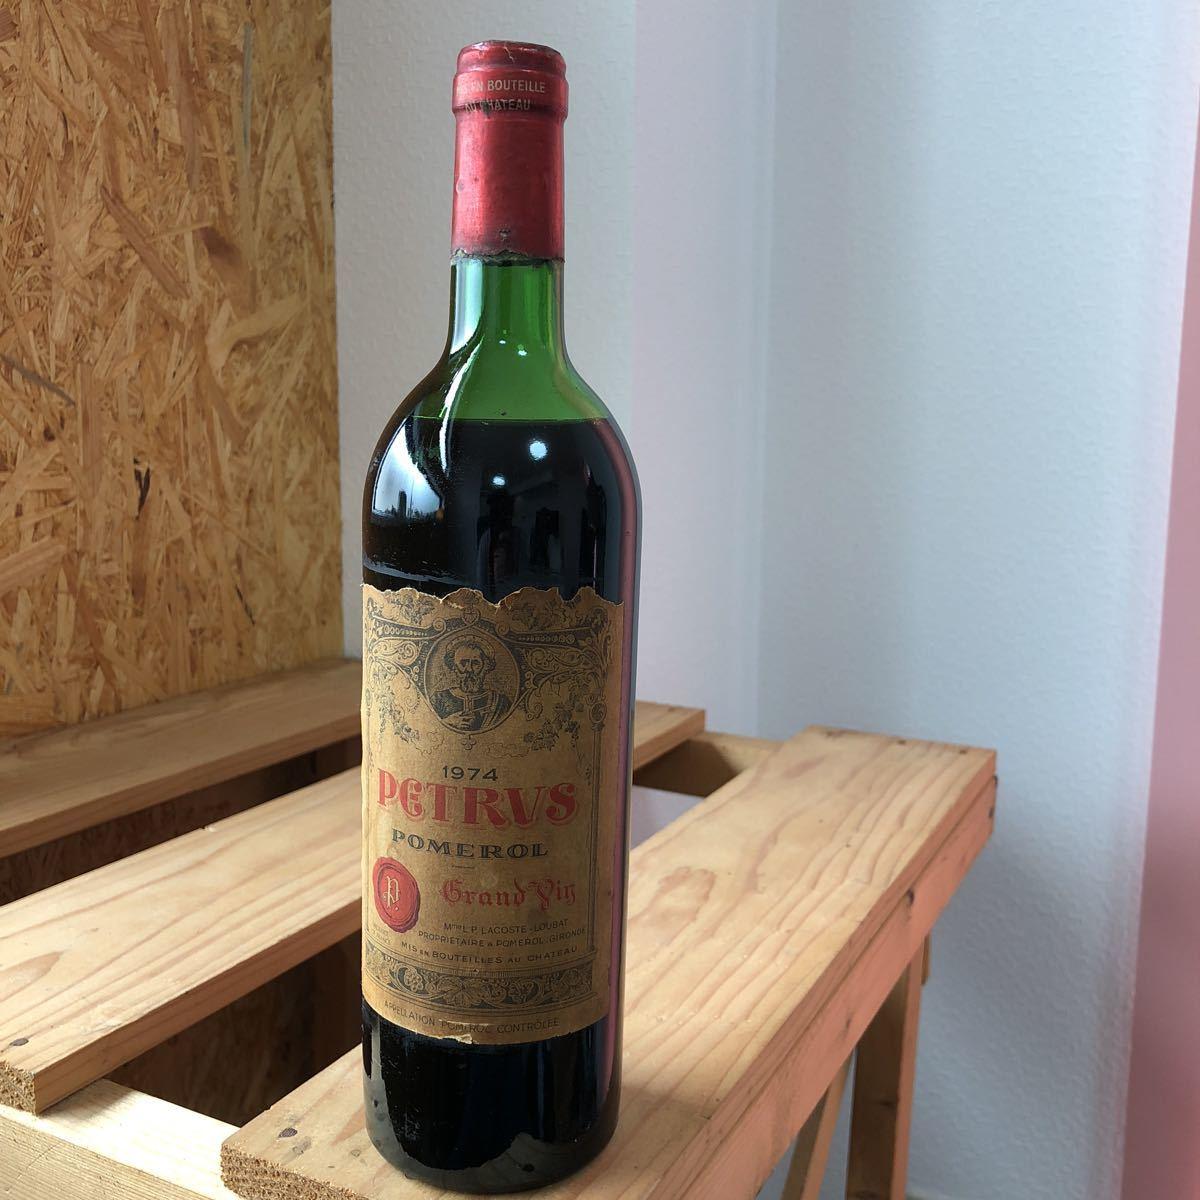 I-7C 1974年 シャトーペトリュス ビンテージ 赤ワイン